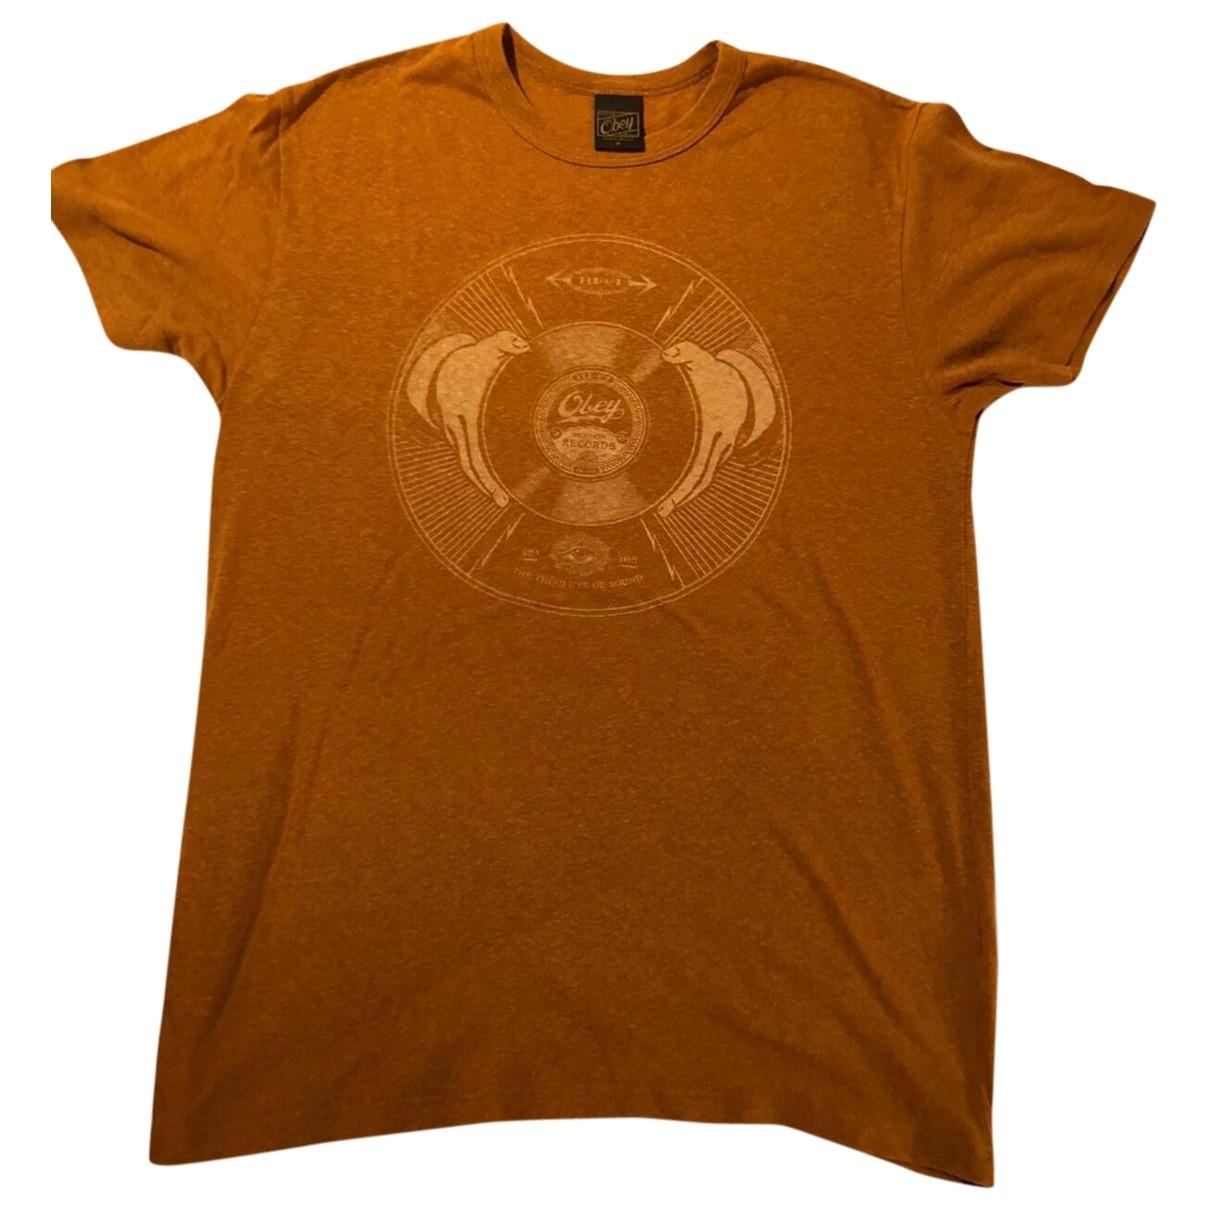 Obey \N T-Shirts in  Beige Baumwolle